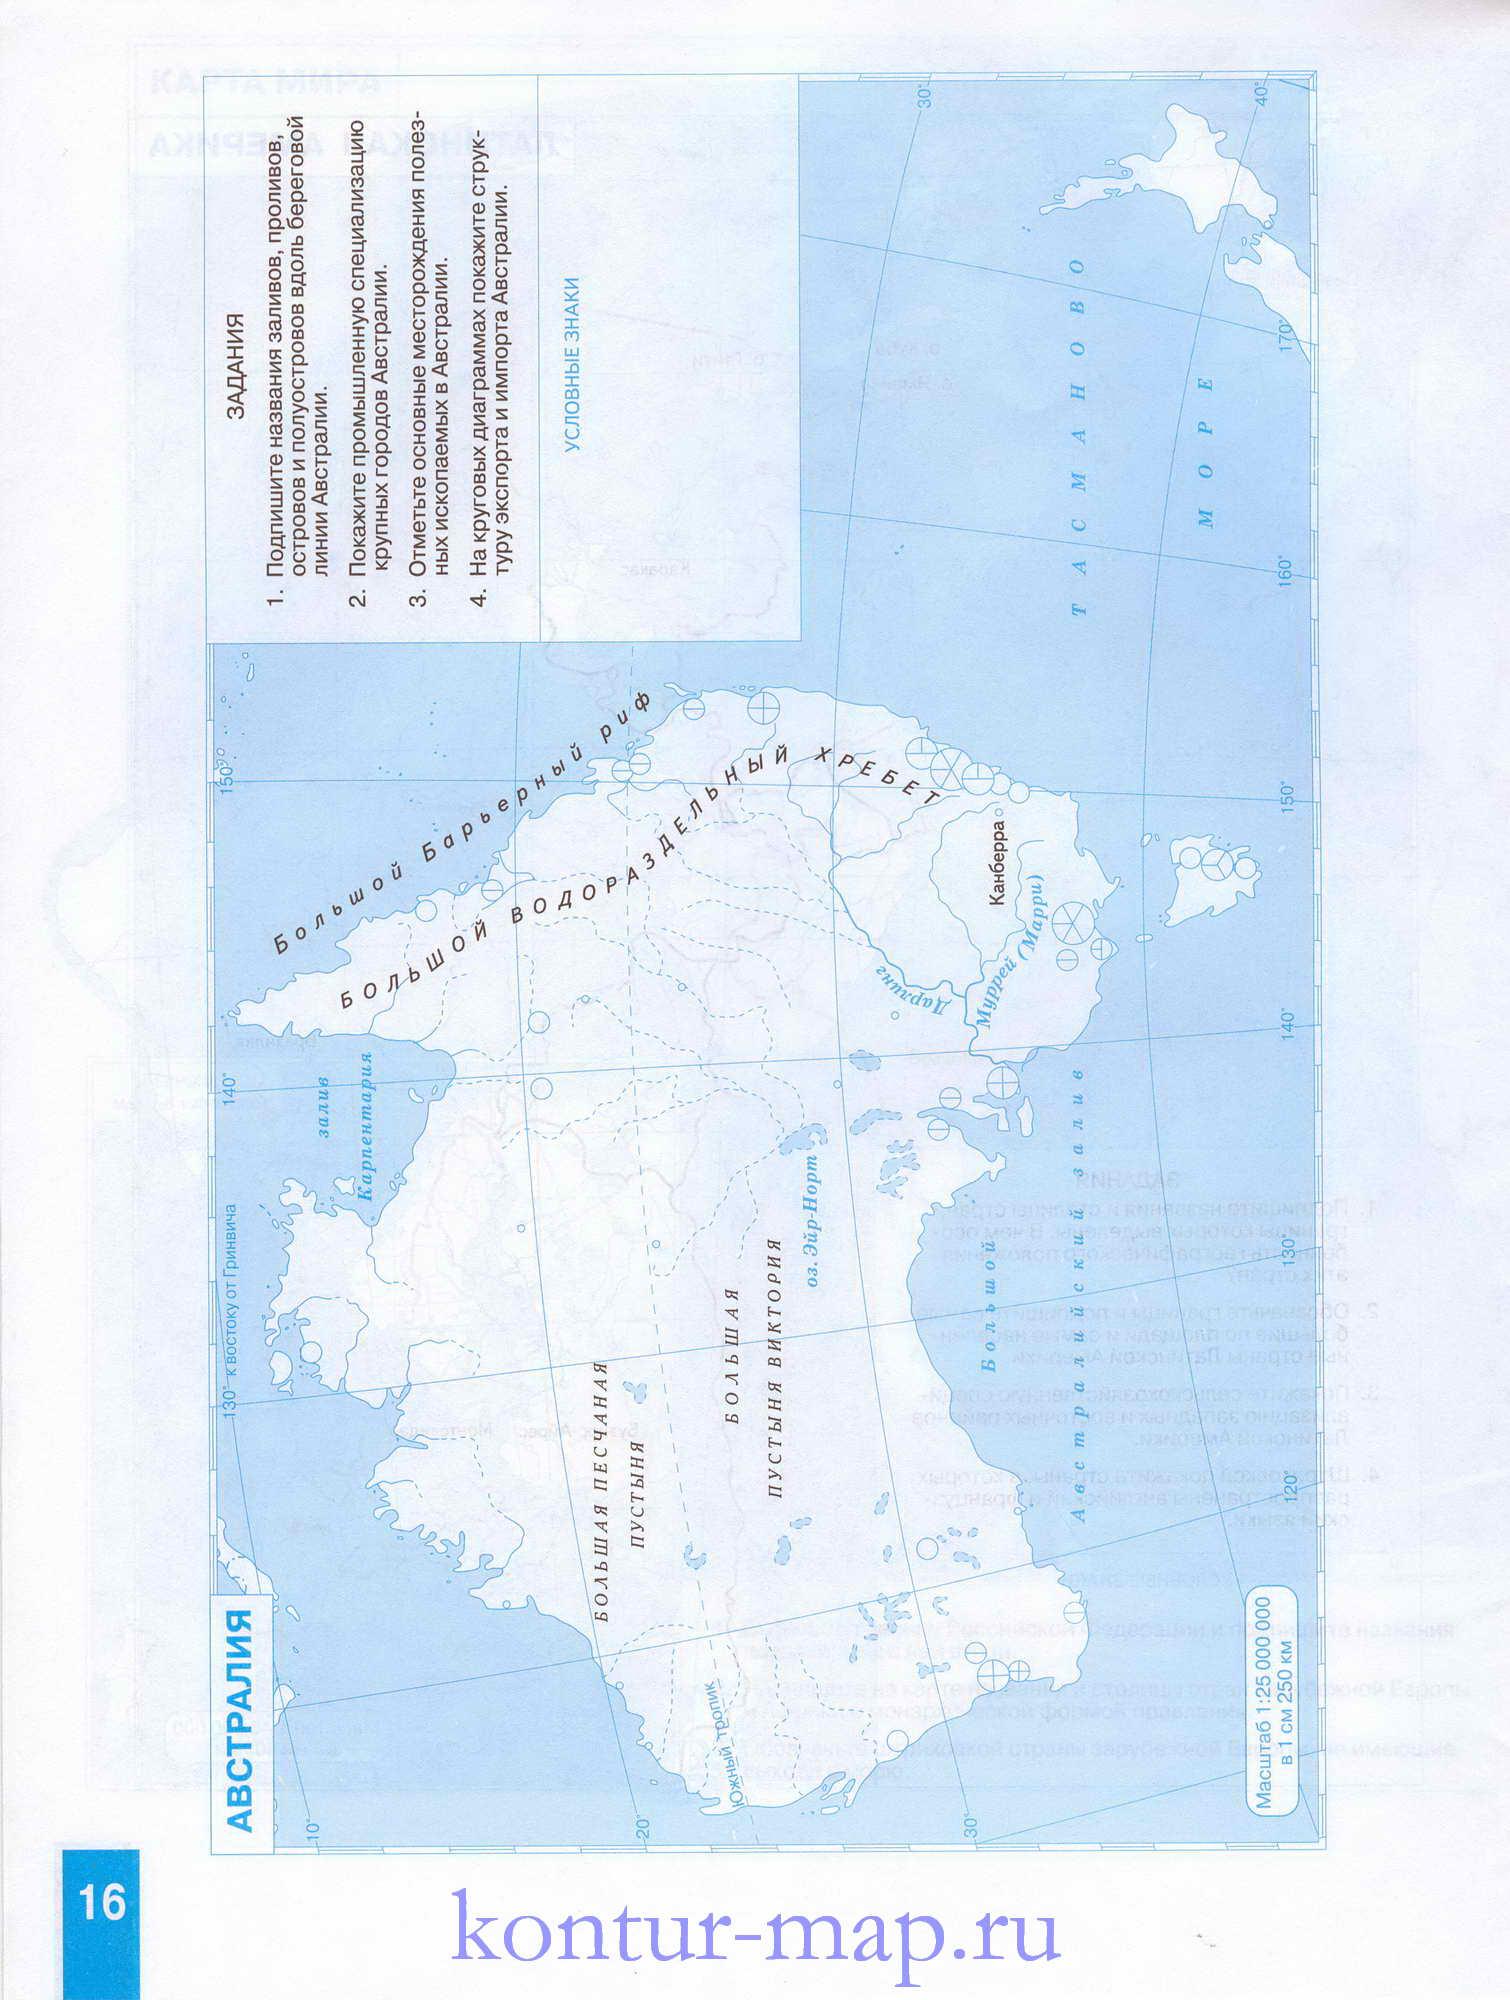 Контурная карта австралии с заданиями